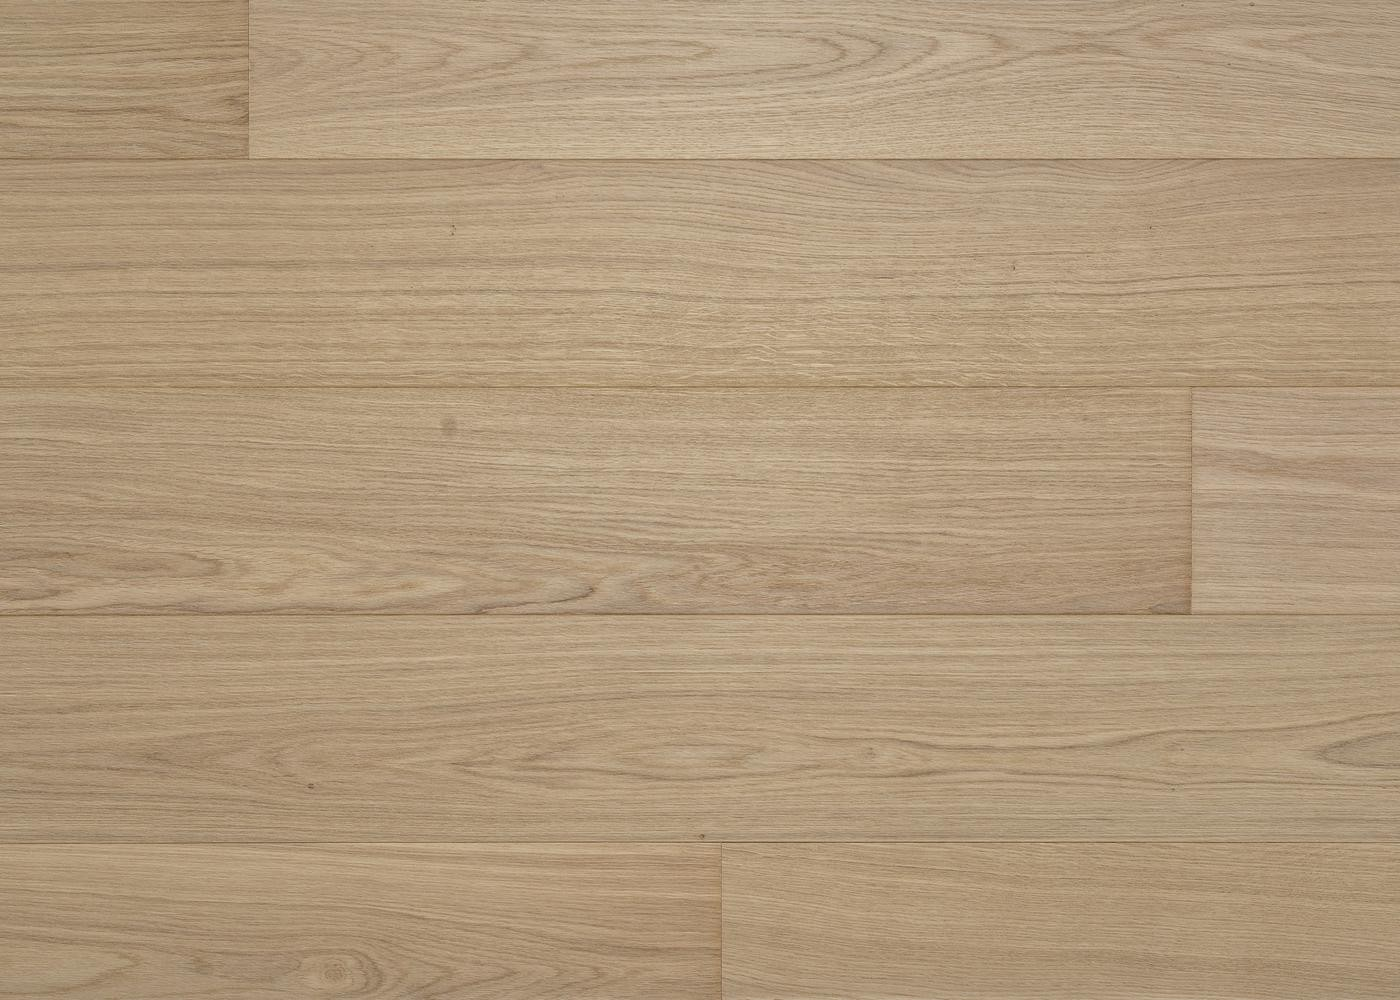 Parquet chêne contrecollé PALERME brossé huile UV Select support HDF 10x92x1420